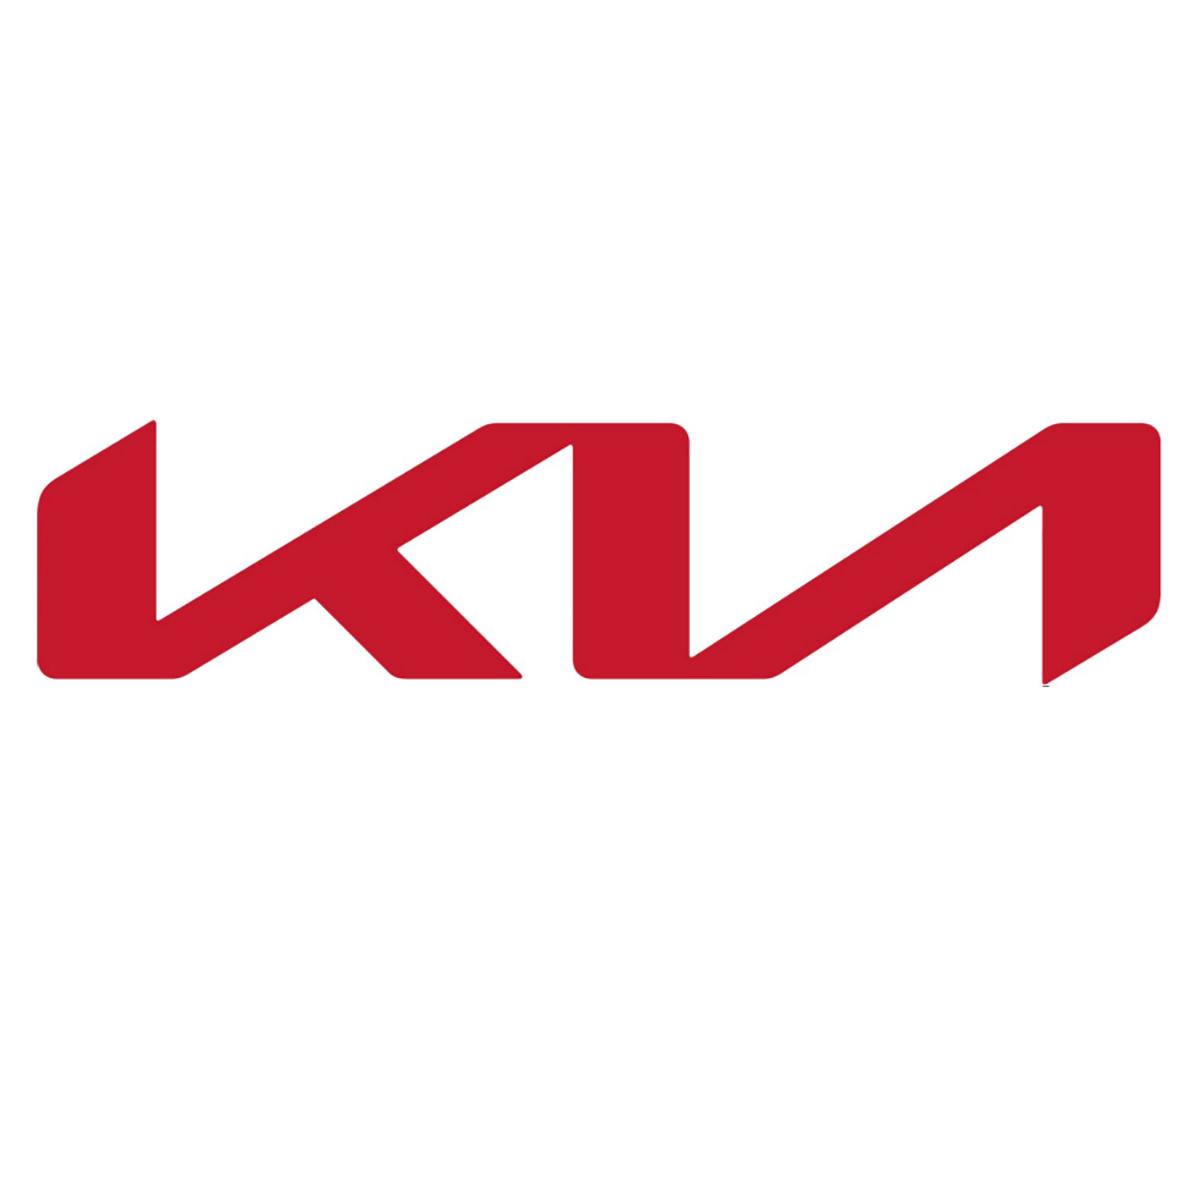 Novo símbolo da empresa sul-coreana tem as três letras do nome interligadas e na cor vermelha